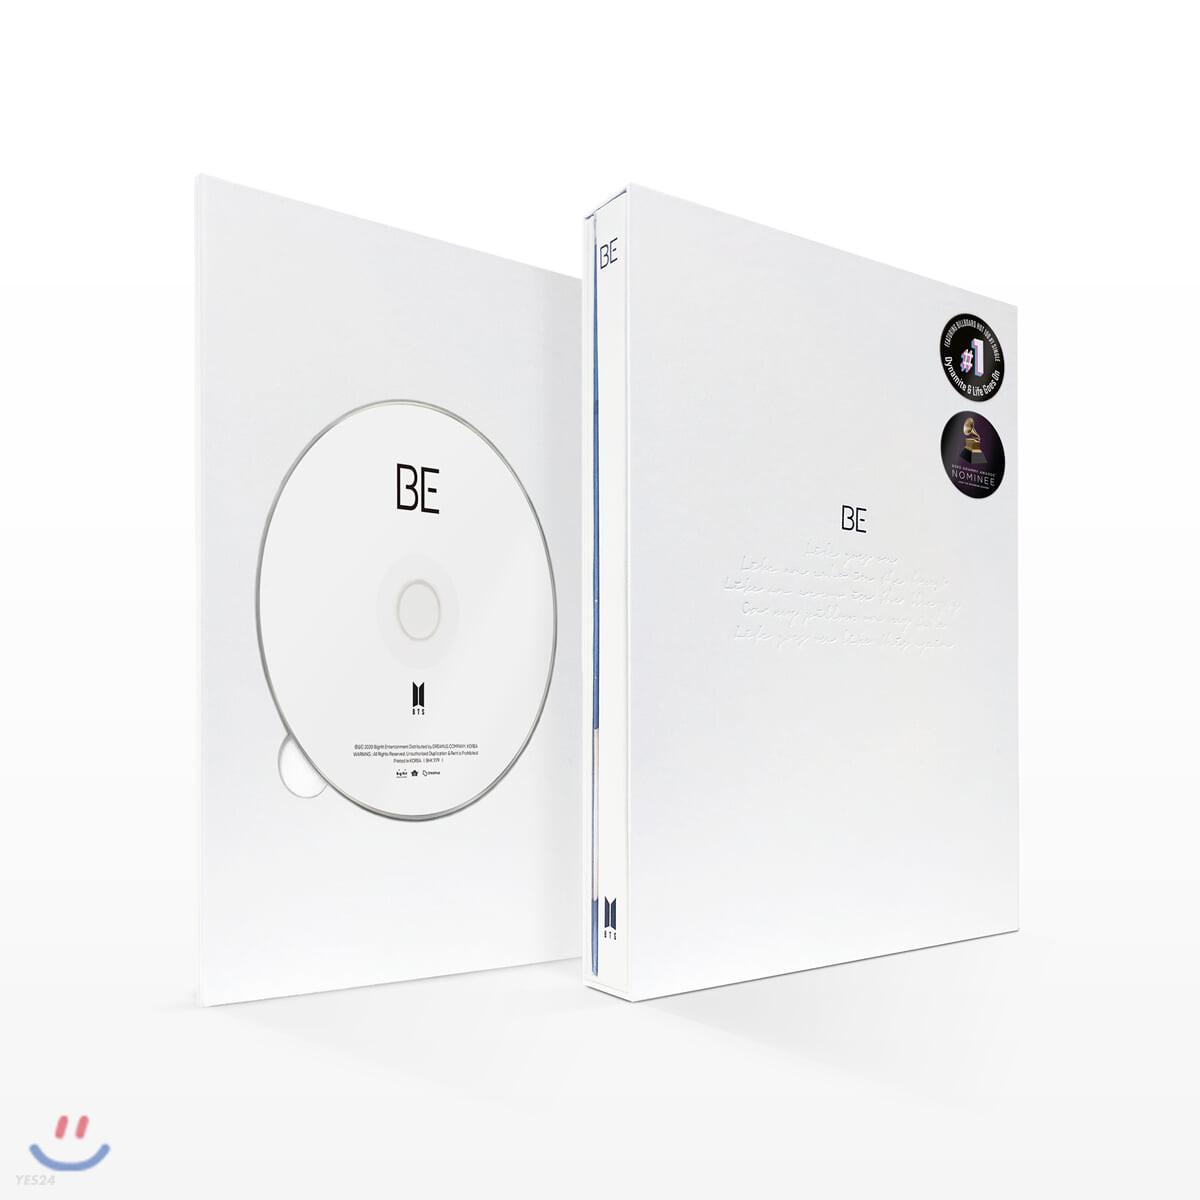 방탄소년단 (BTS) - BE (Essential Edition)